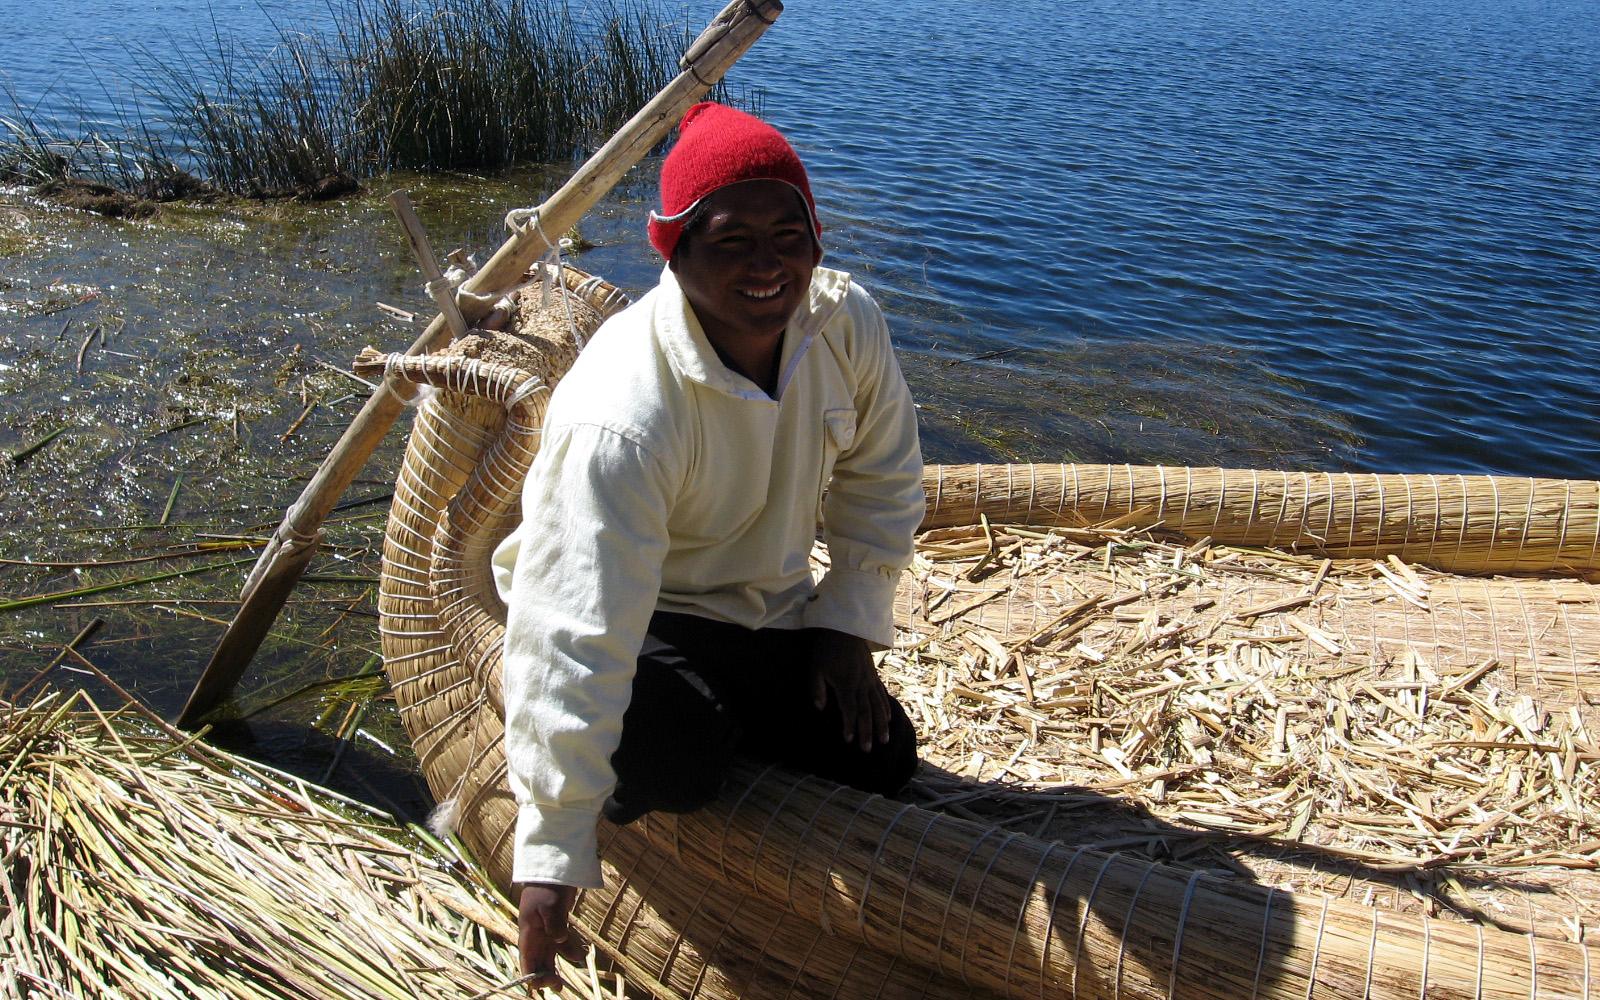 Ein Fischer in einem traditionellen Schilfboot (Uros-Inseln, peruanischer Teil des Titicacasees)